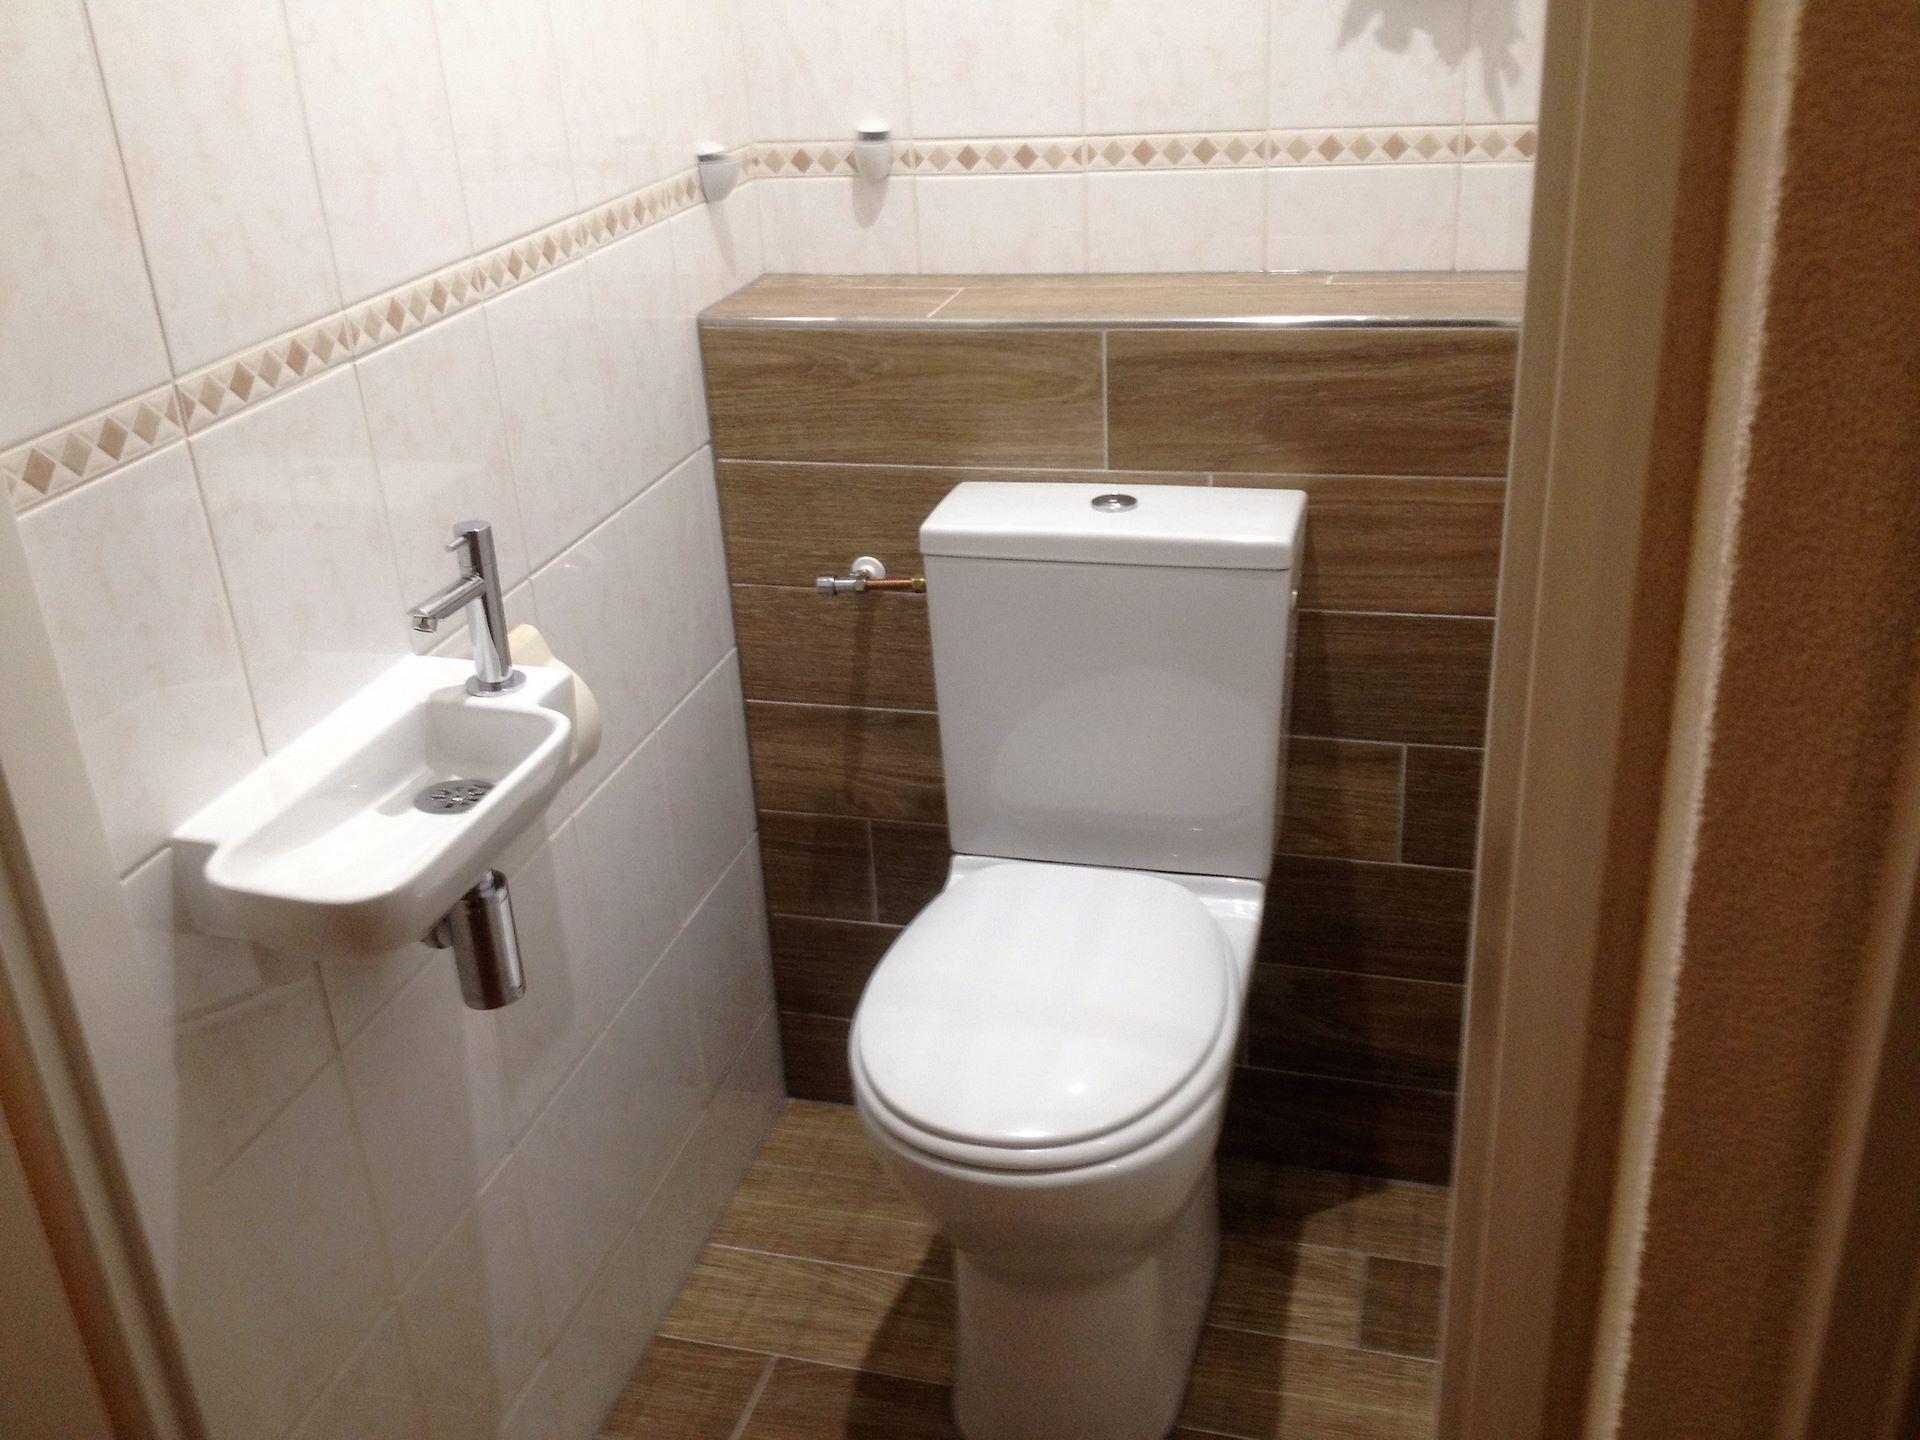 Toilet Renovatie Kosten : Renovatie toilet u ede u rg bouw ede